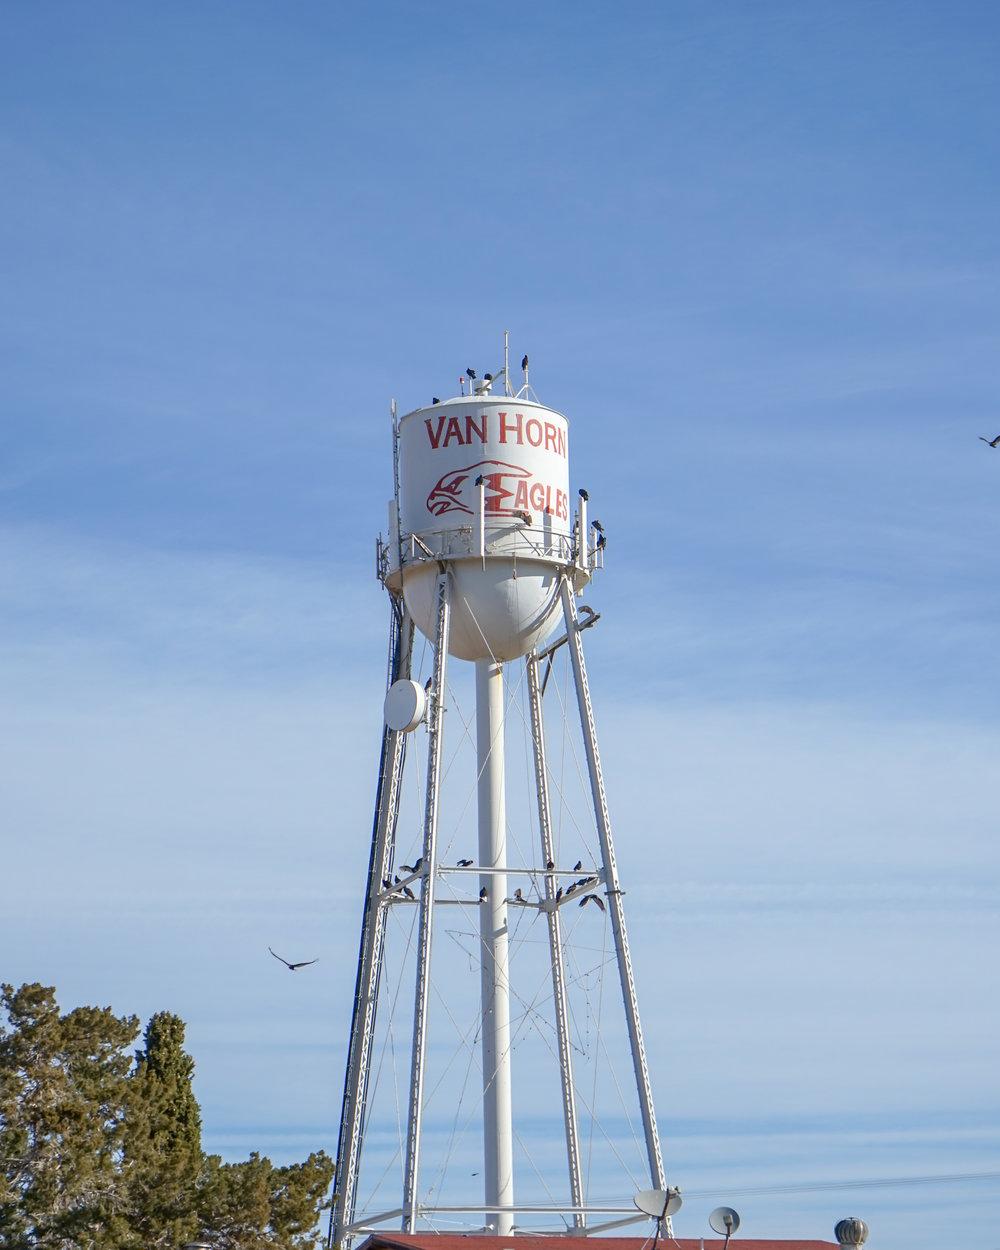 Van Horn Water Tower